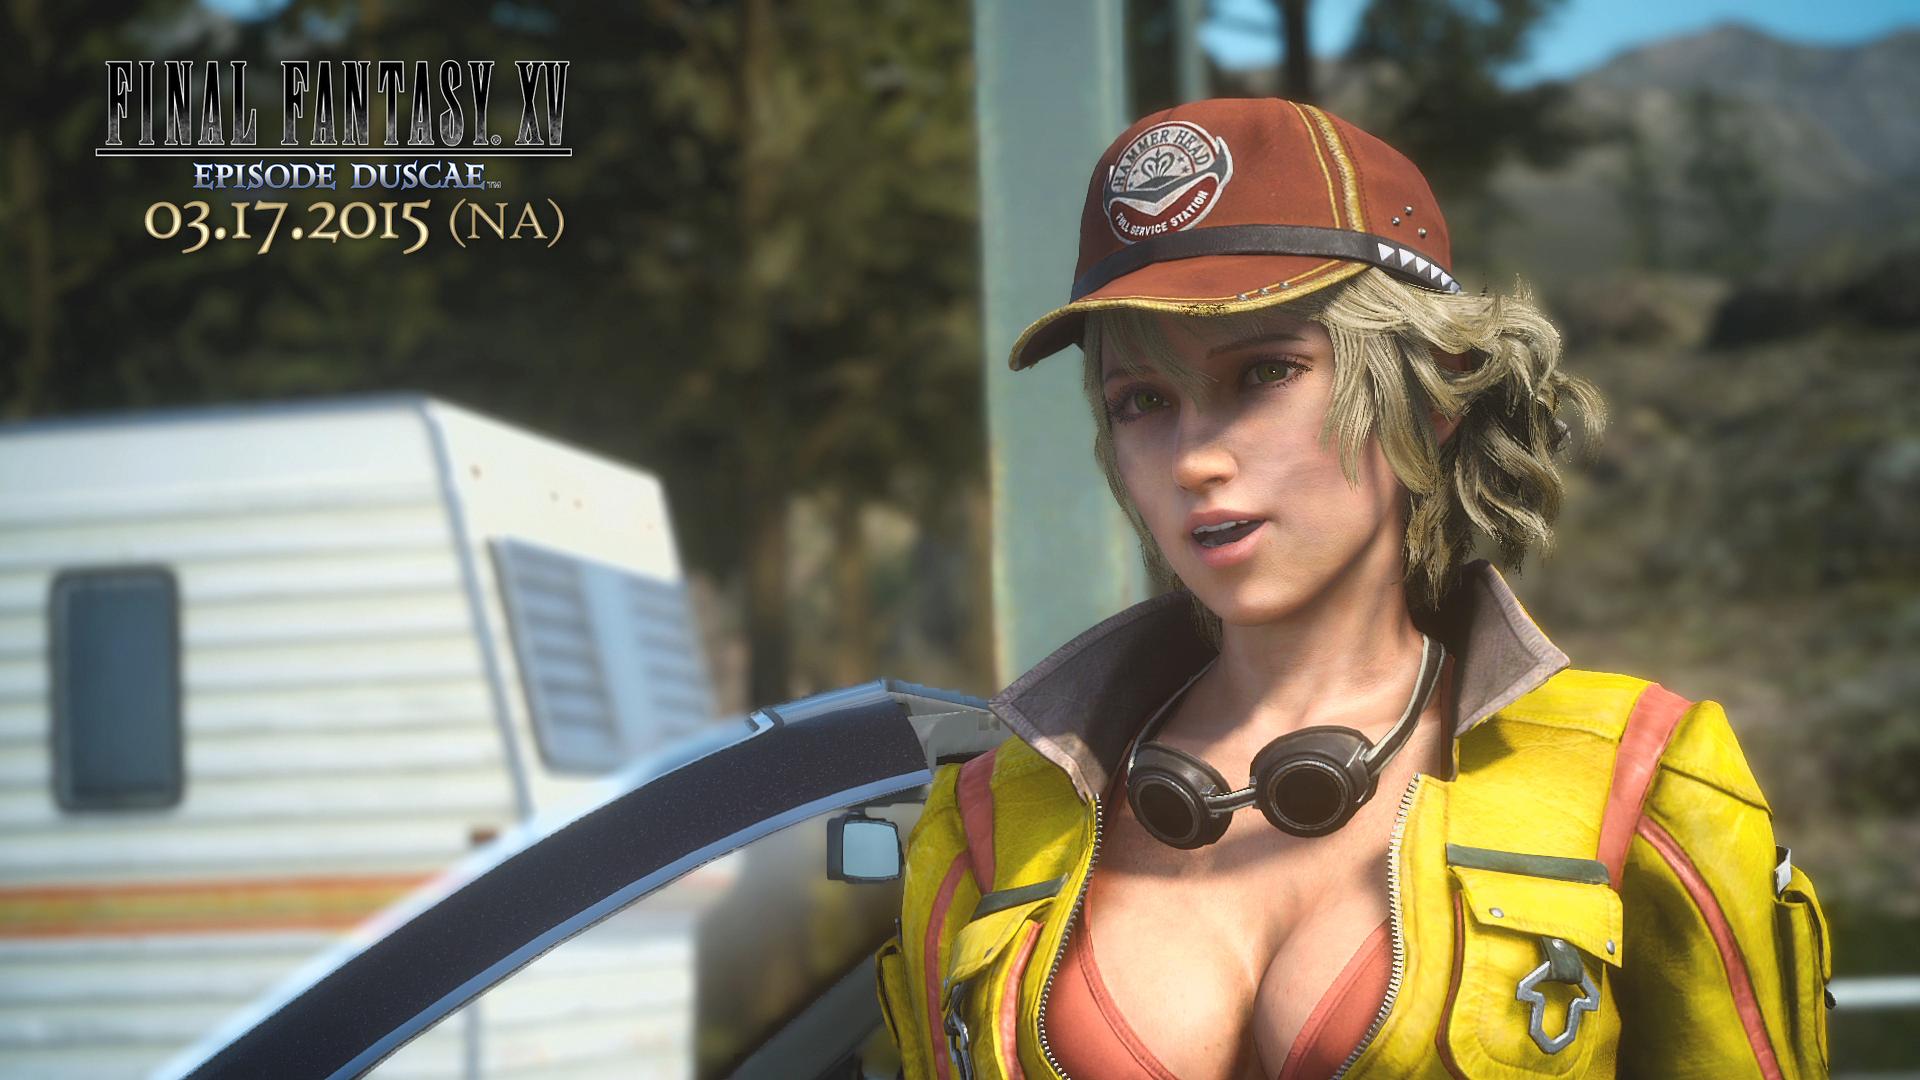 Скриншоты демо-версии Final Fantasy XV. - Изображение 1